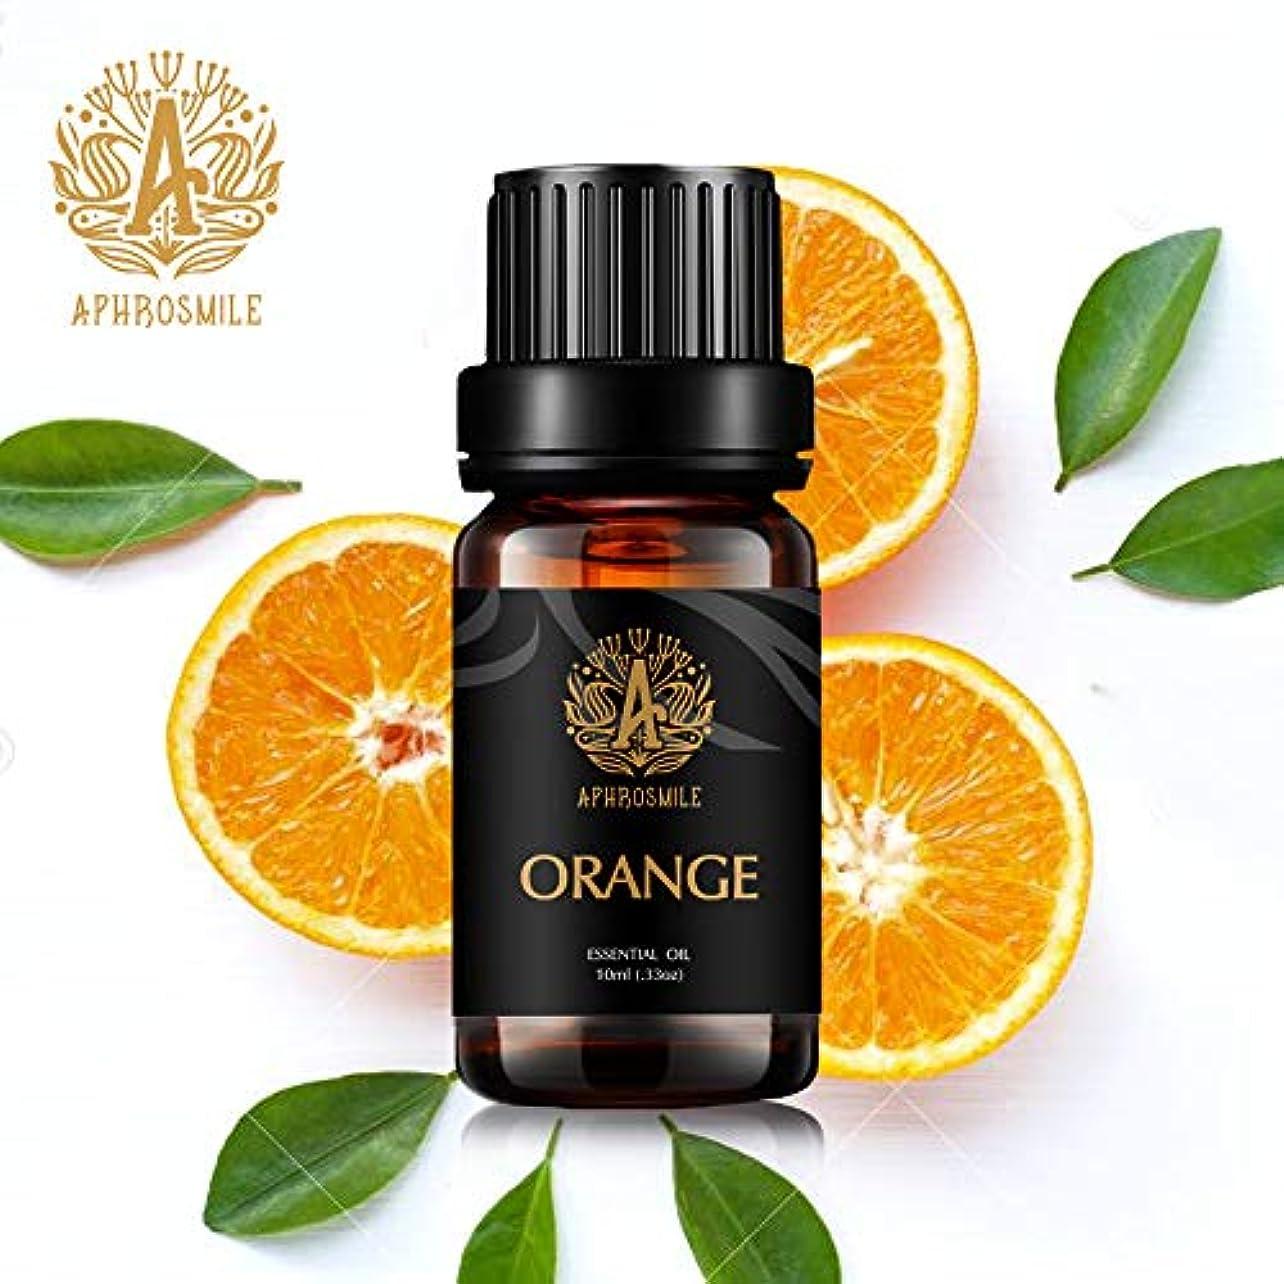 憂慮すべきインペリアル餌Aphrosmile オレンジ エッセンシャル オイル FDA 認定 100% ピュア オレンジ オイル、有機治療グレードのアロマテラピー エッセンシャル オイル 10mL/0.33oz